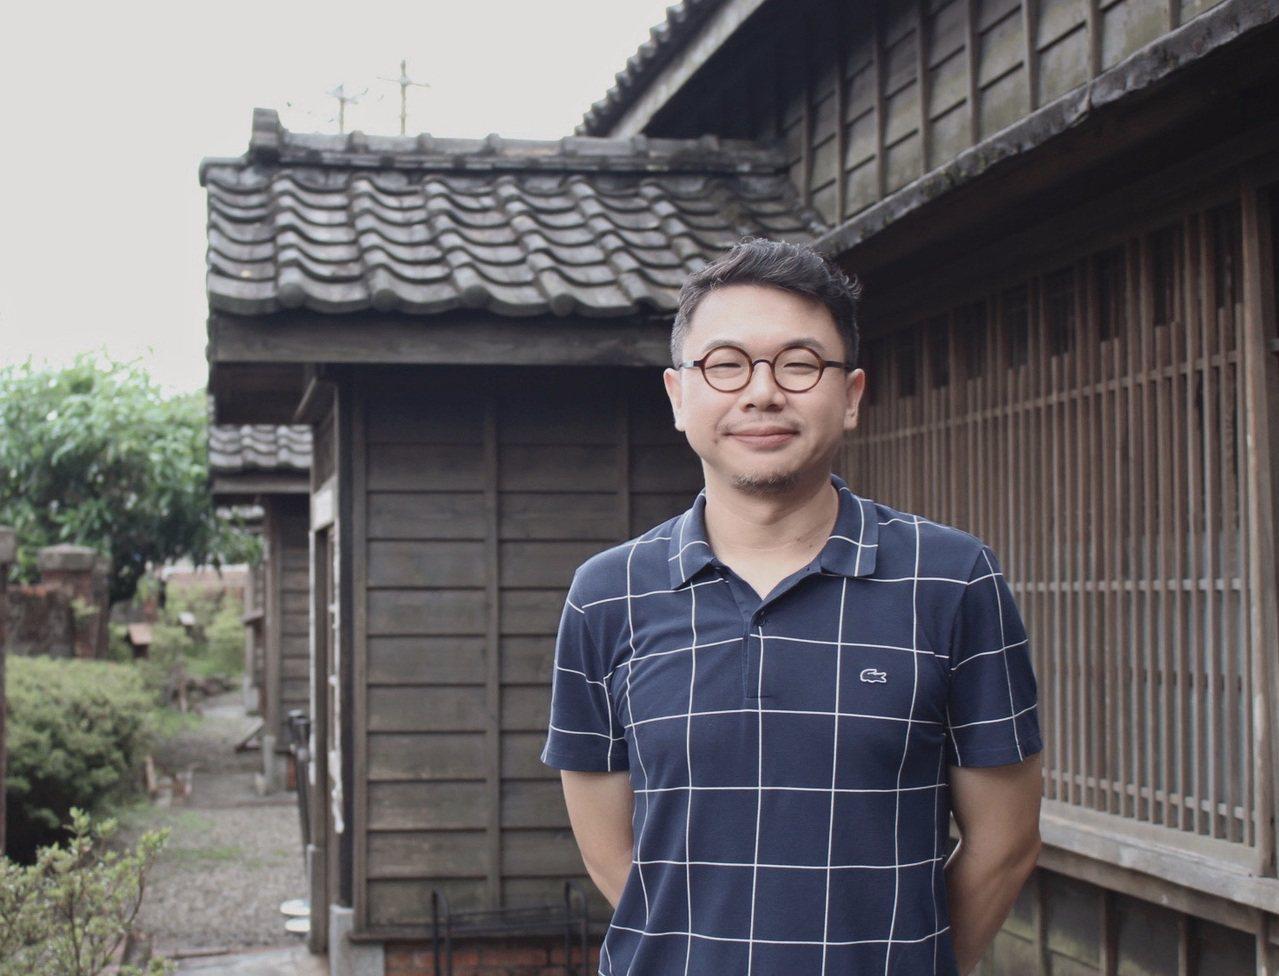 新北市立黃金博物館新館長洪嘉駿,今年39歲,雙溪人,是新北博物館史上最年輕的館長...